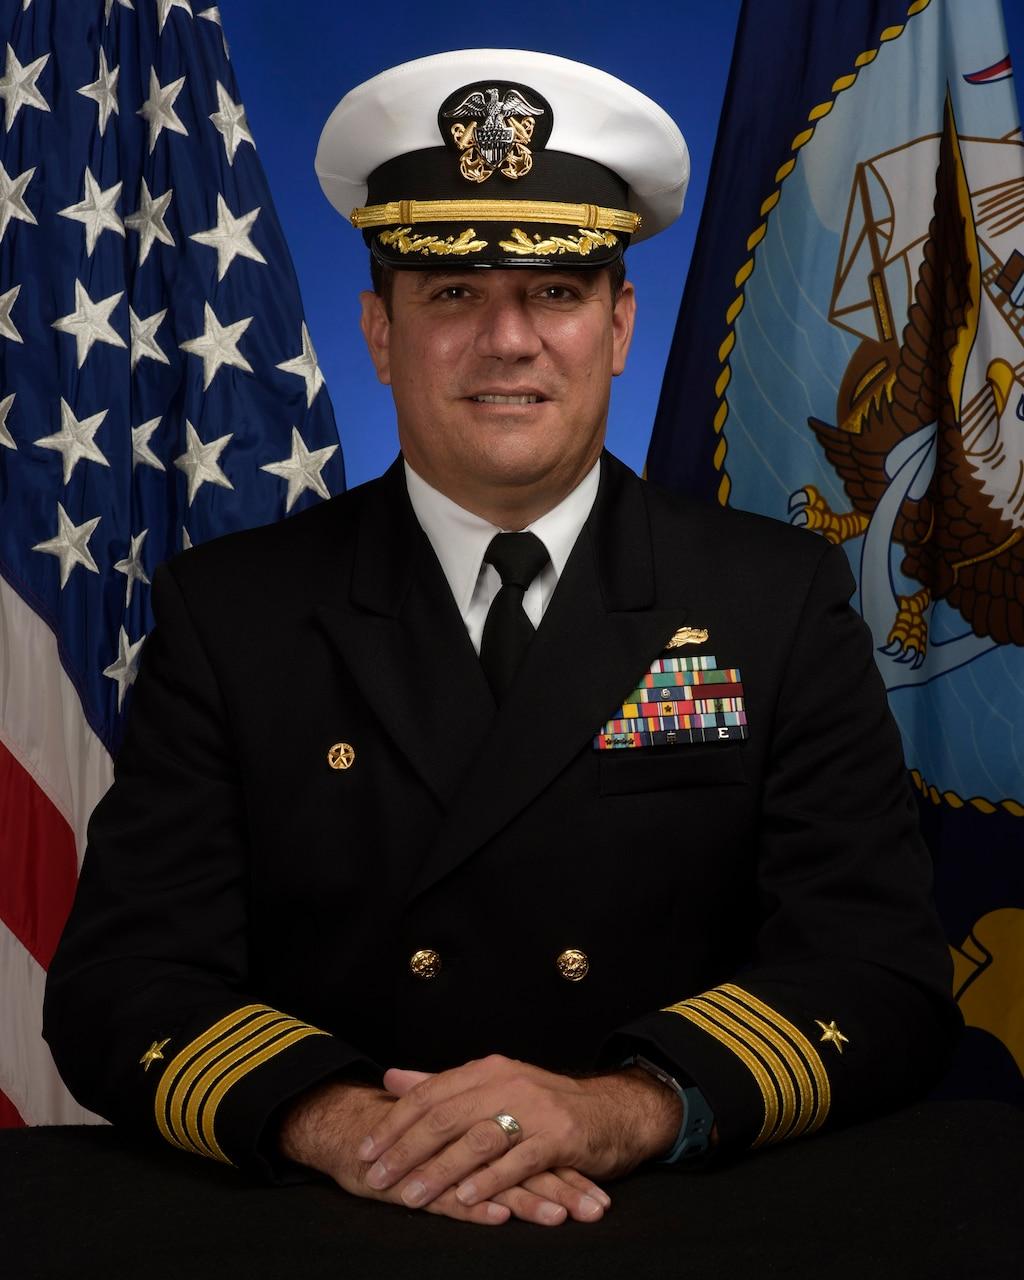 Captain Christopher K Brusca